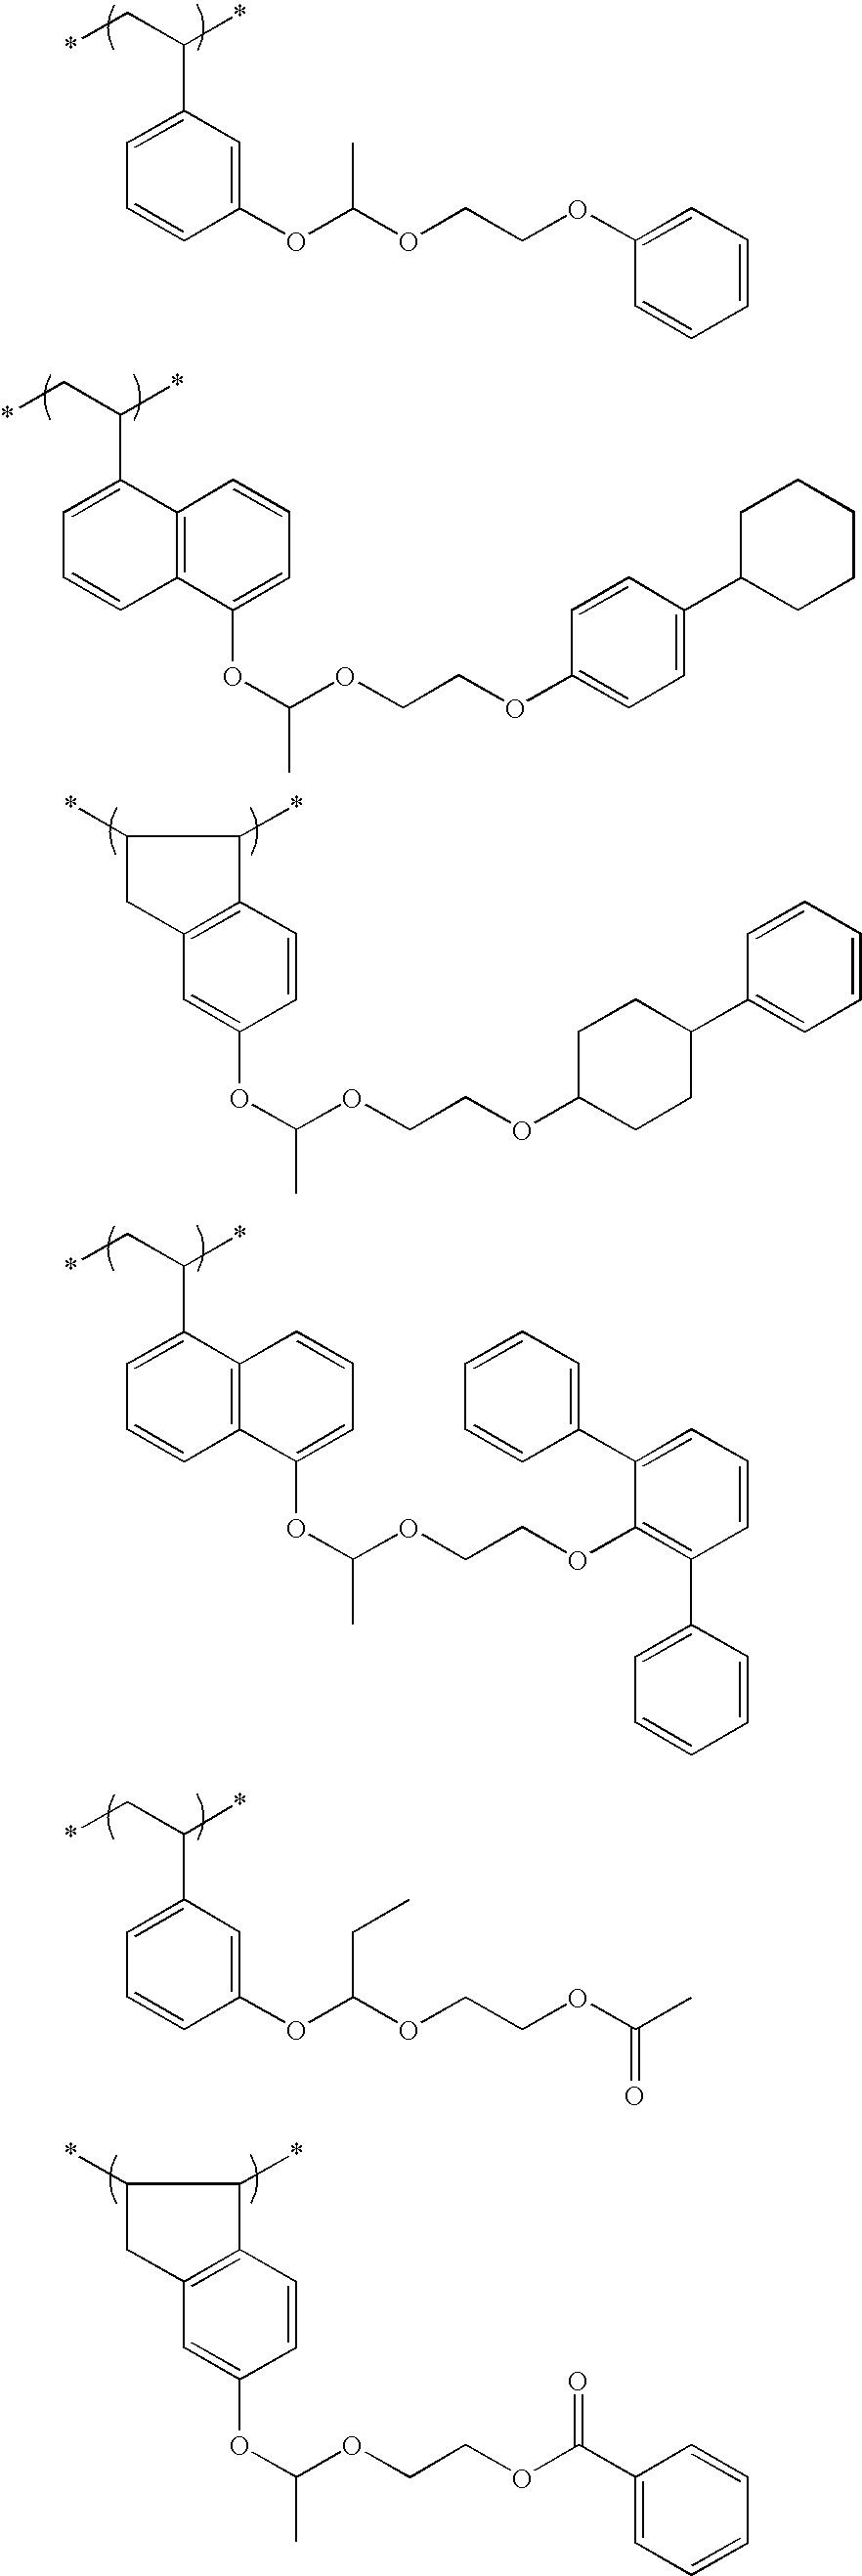 Figure US20100183975A1-20100722-C00100